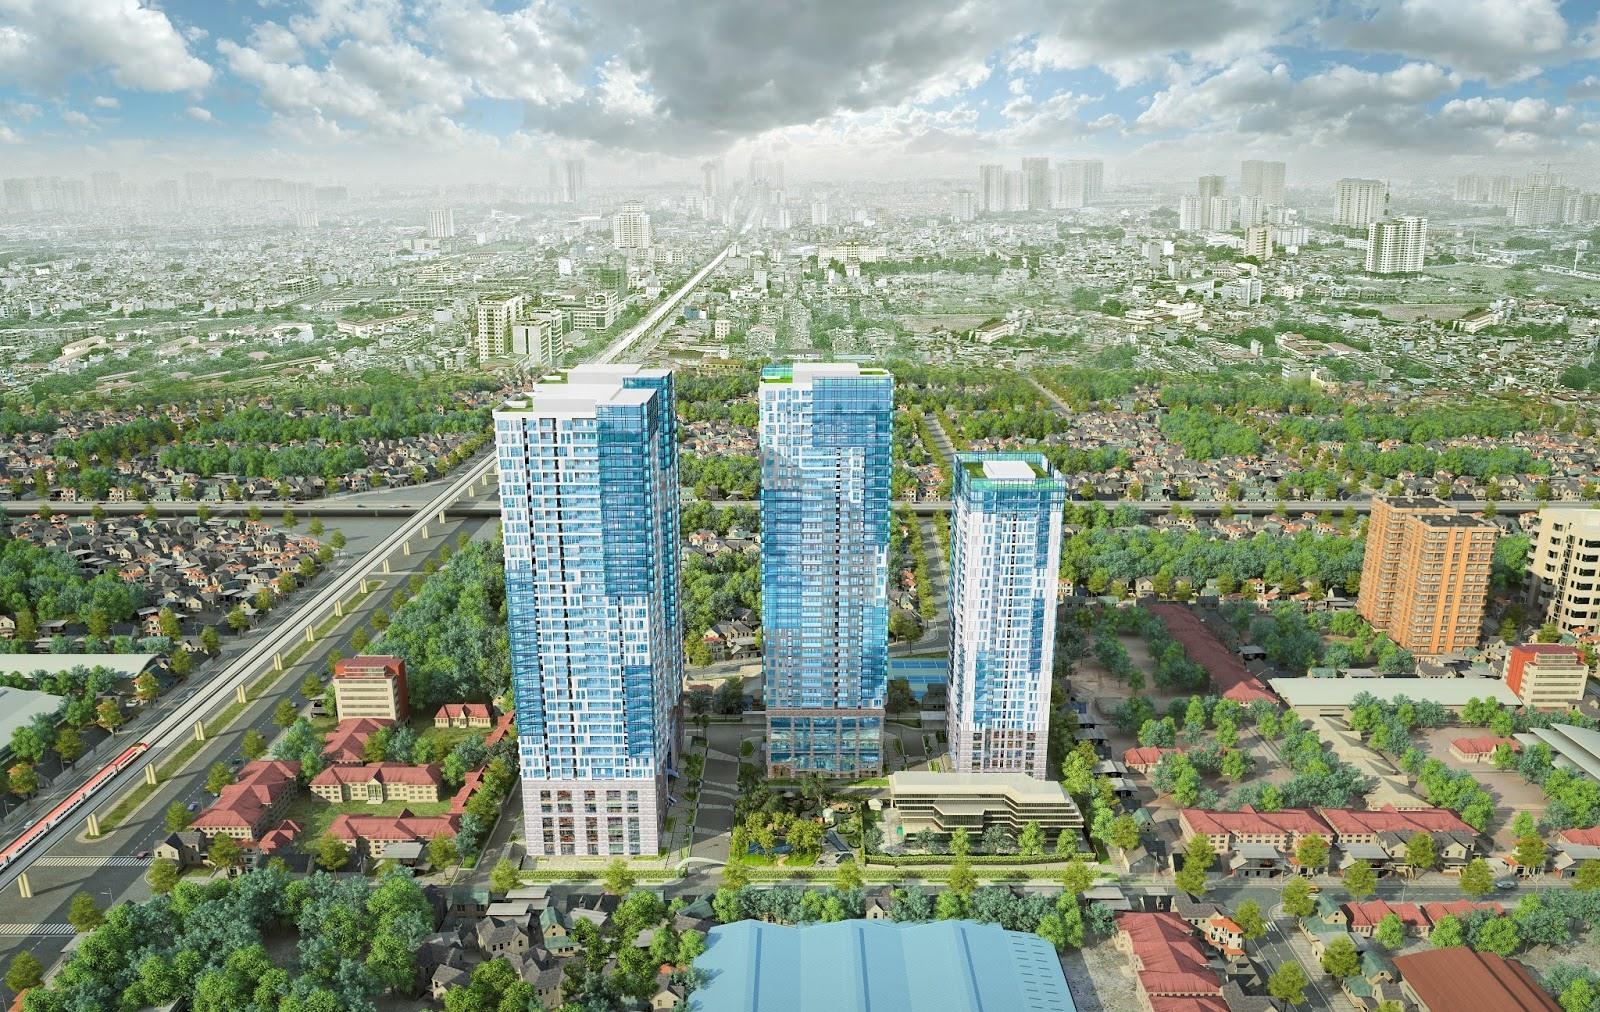 5 dự án chung cư có tiến độ tốt trên địa bàn quận Thanh Xuân